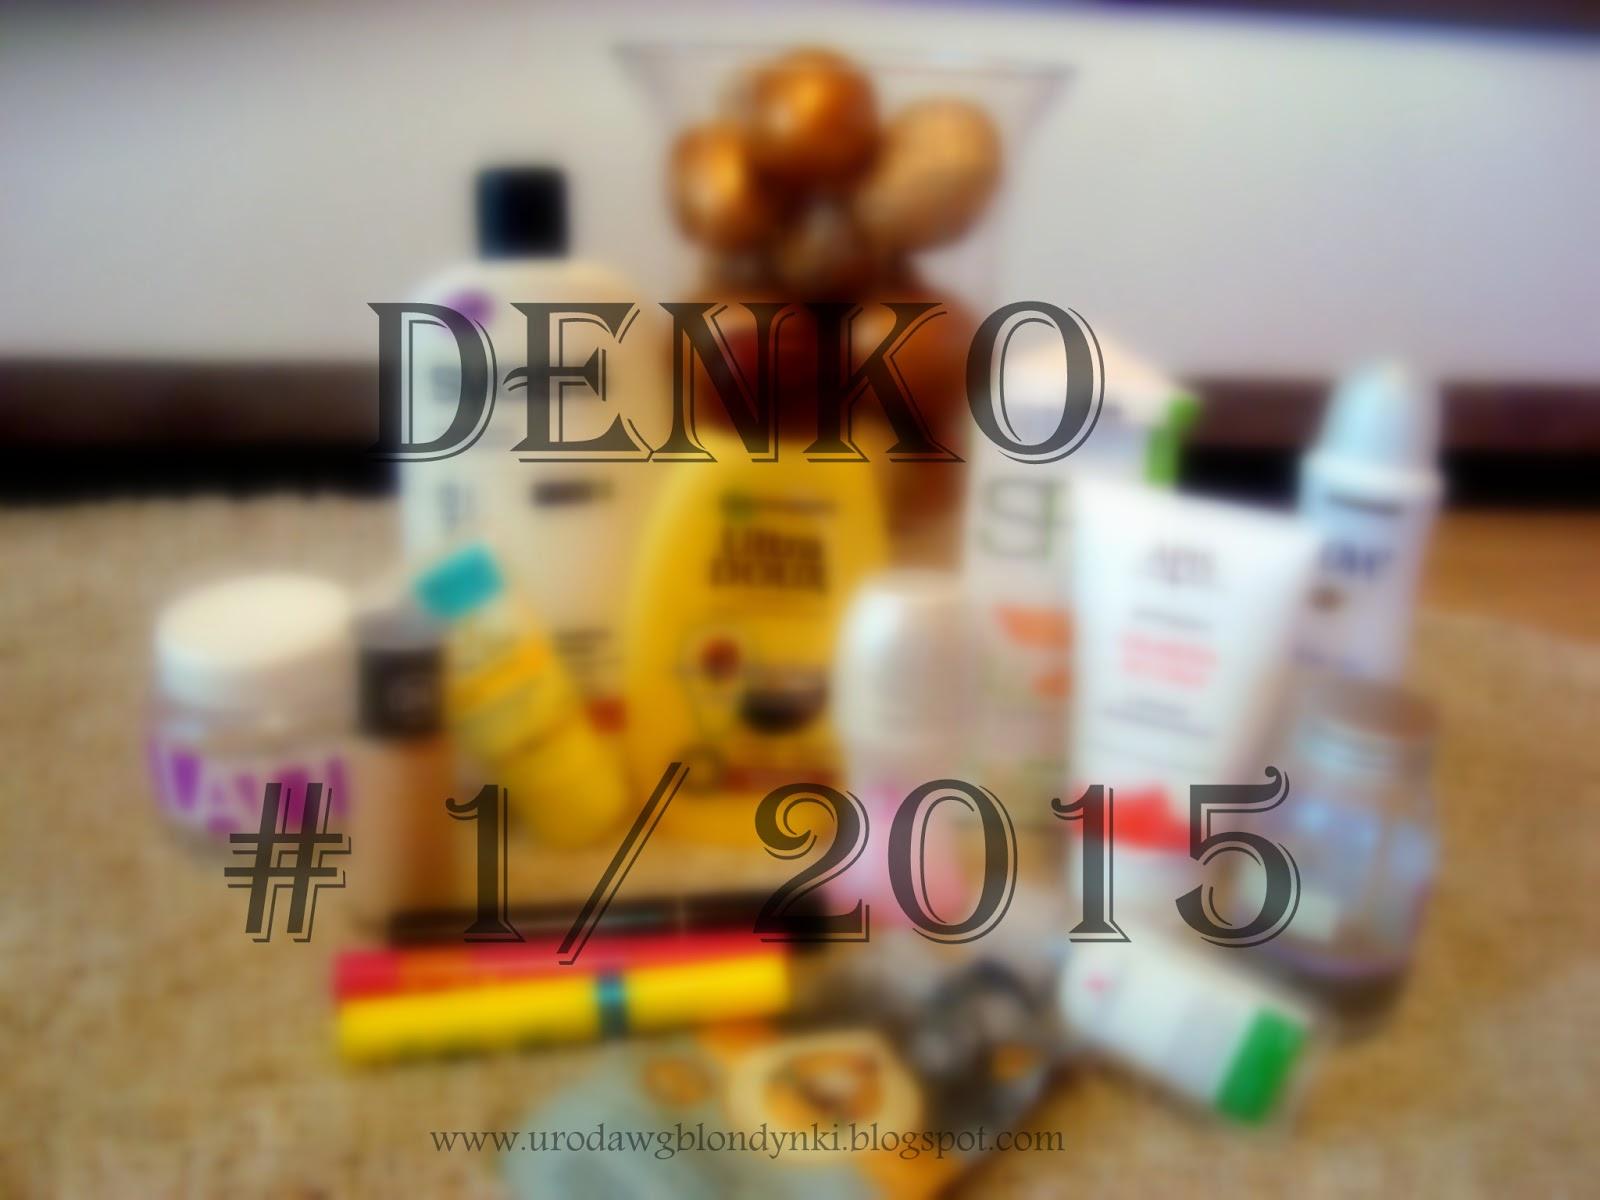 DENKO #1 2015